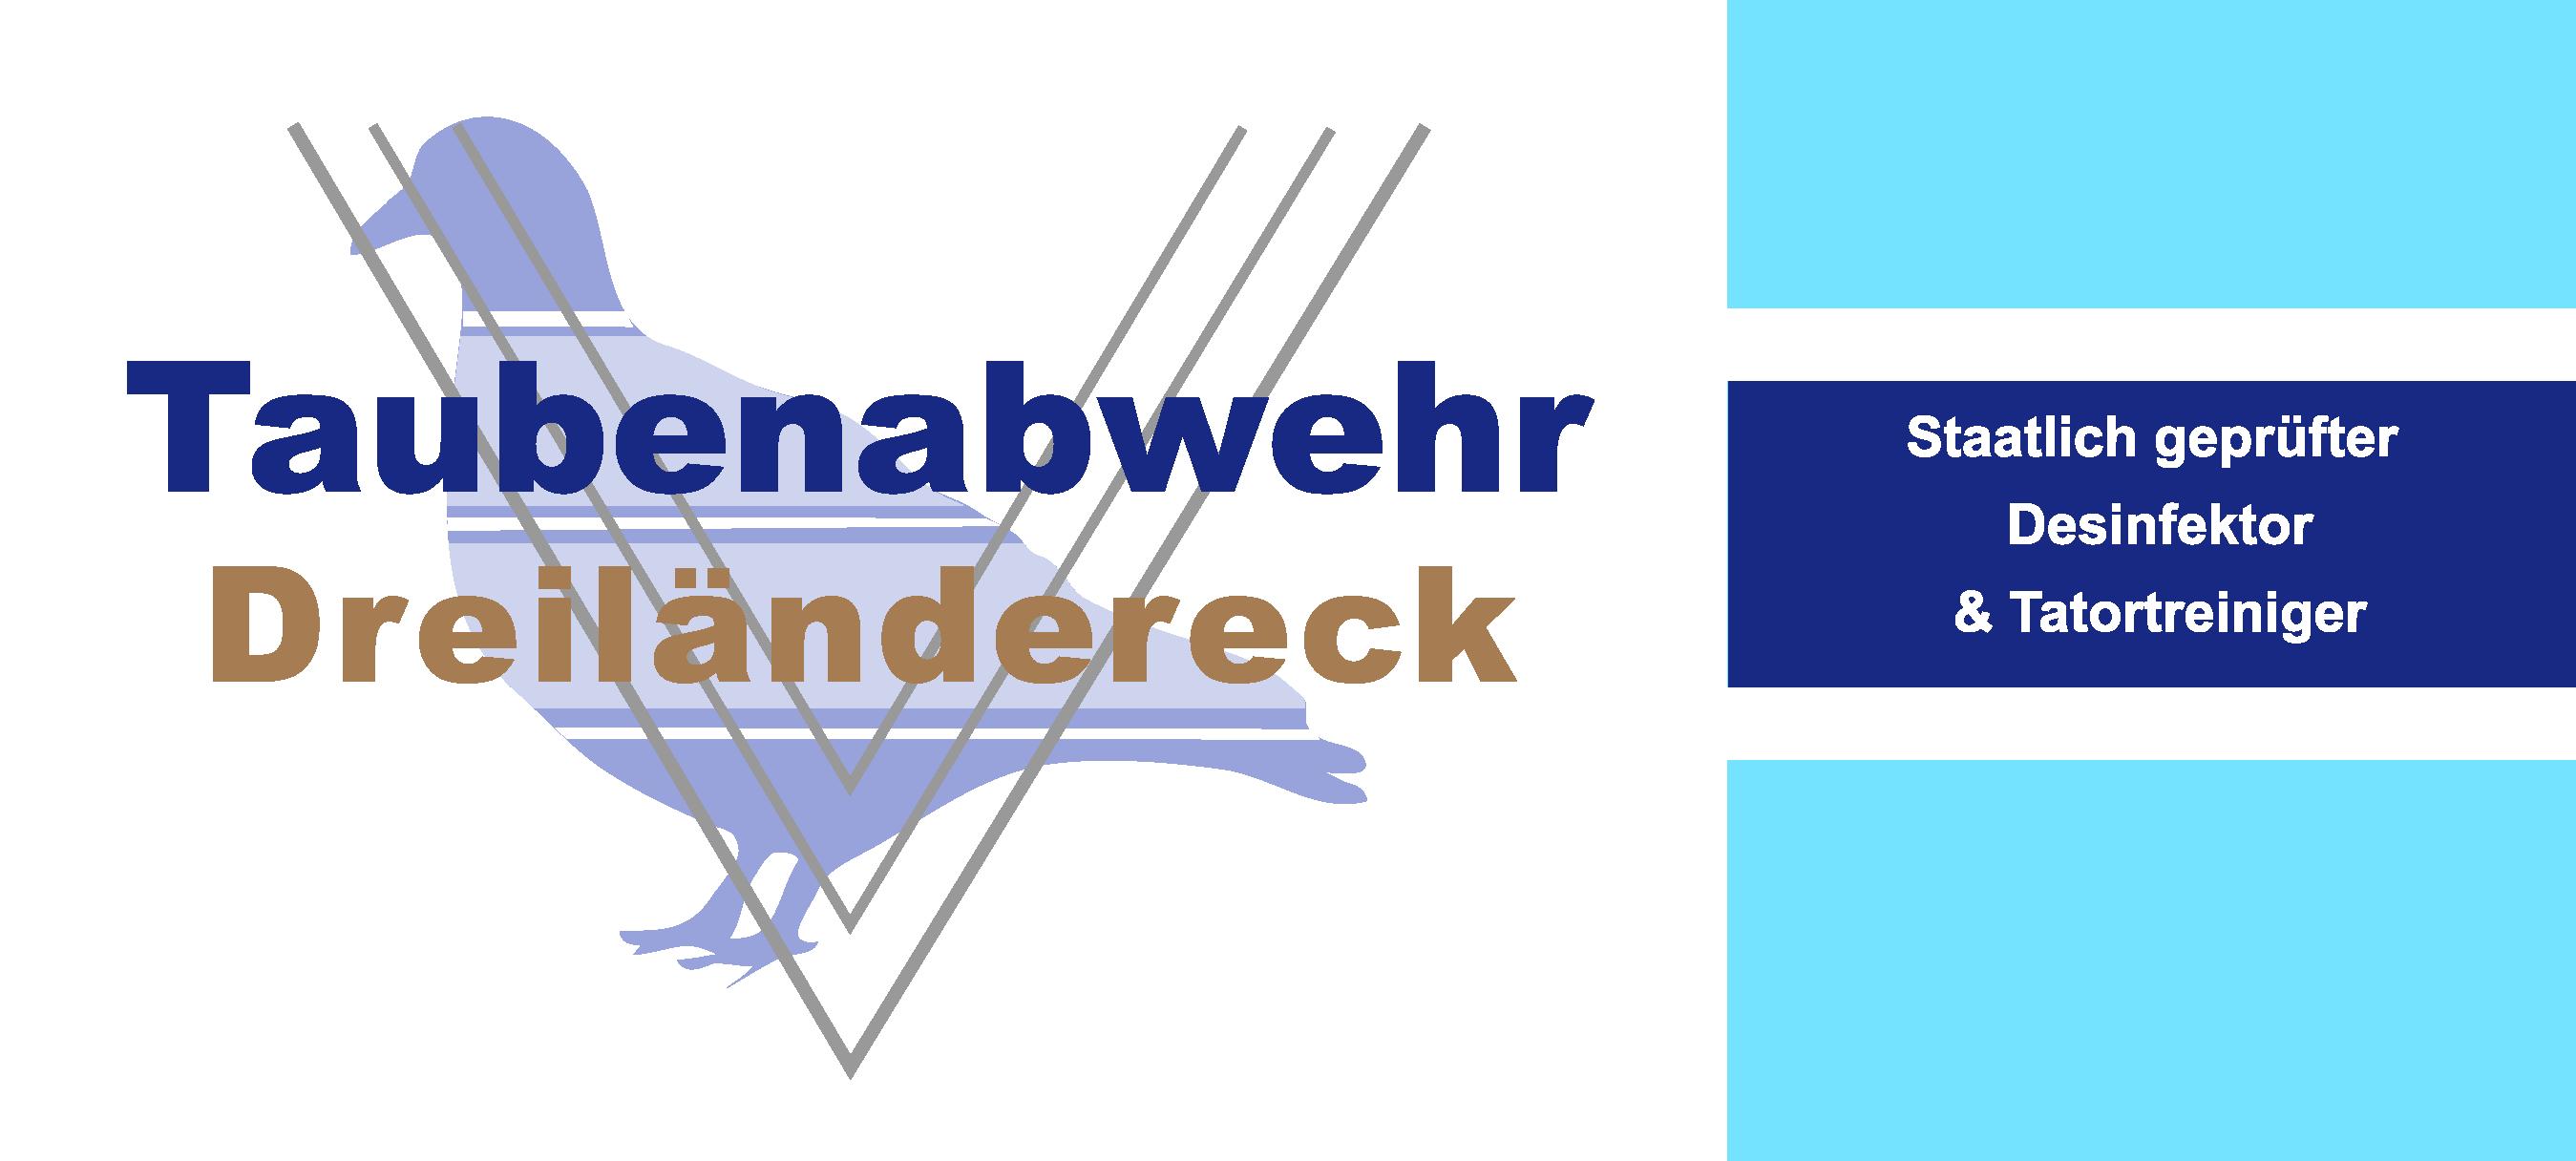 Taubenabwehr-Dreilaendereck